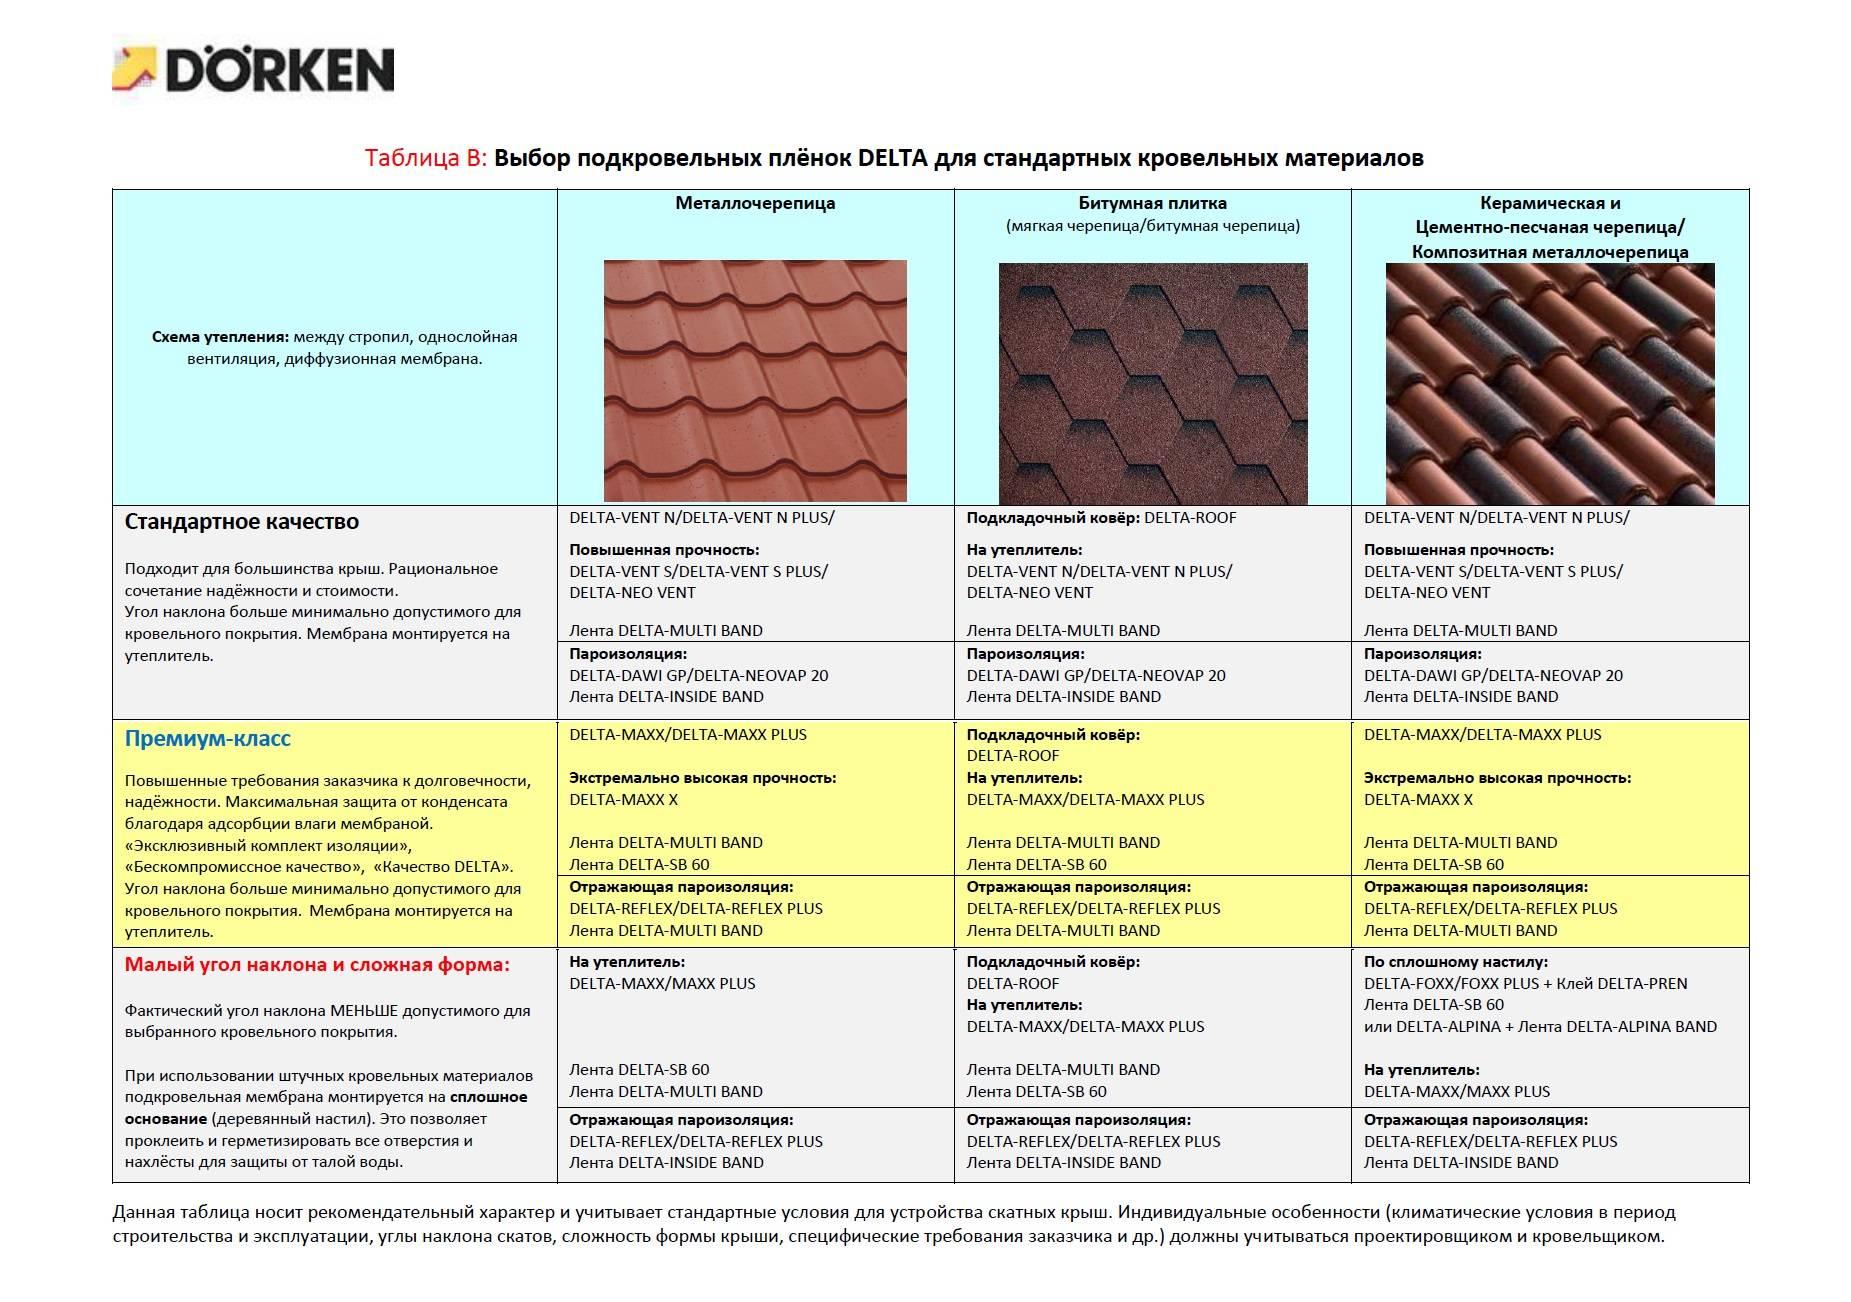 Чем покрыть плоскую крышу: кровельные материалы и способы их укладки